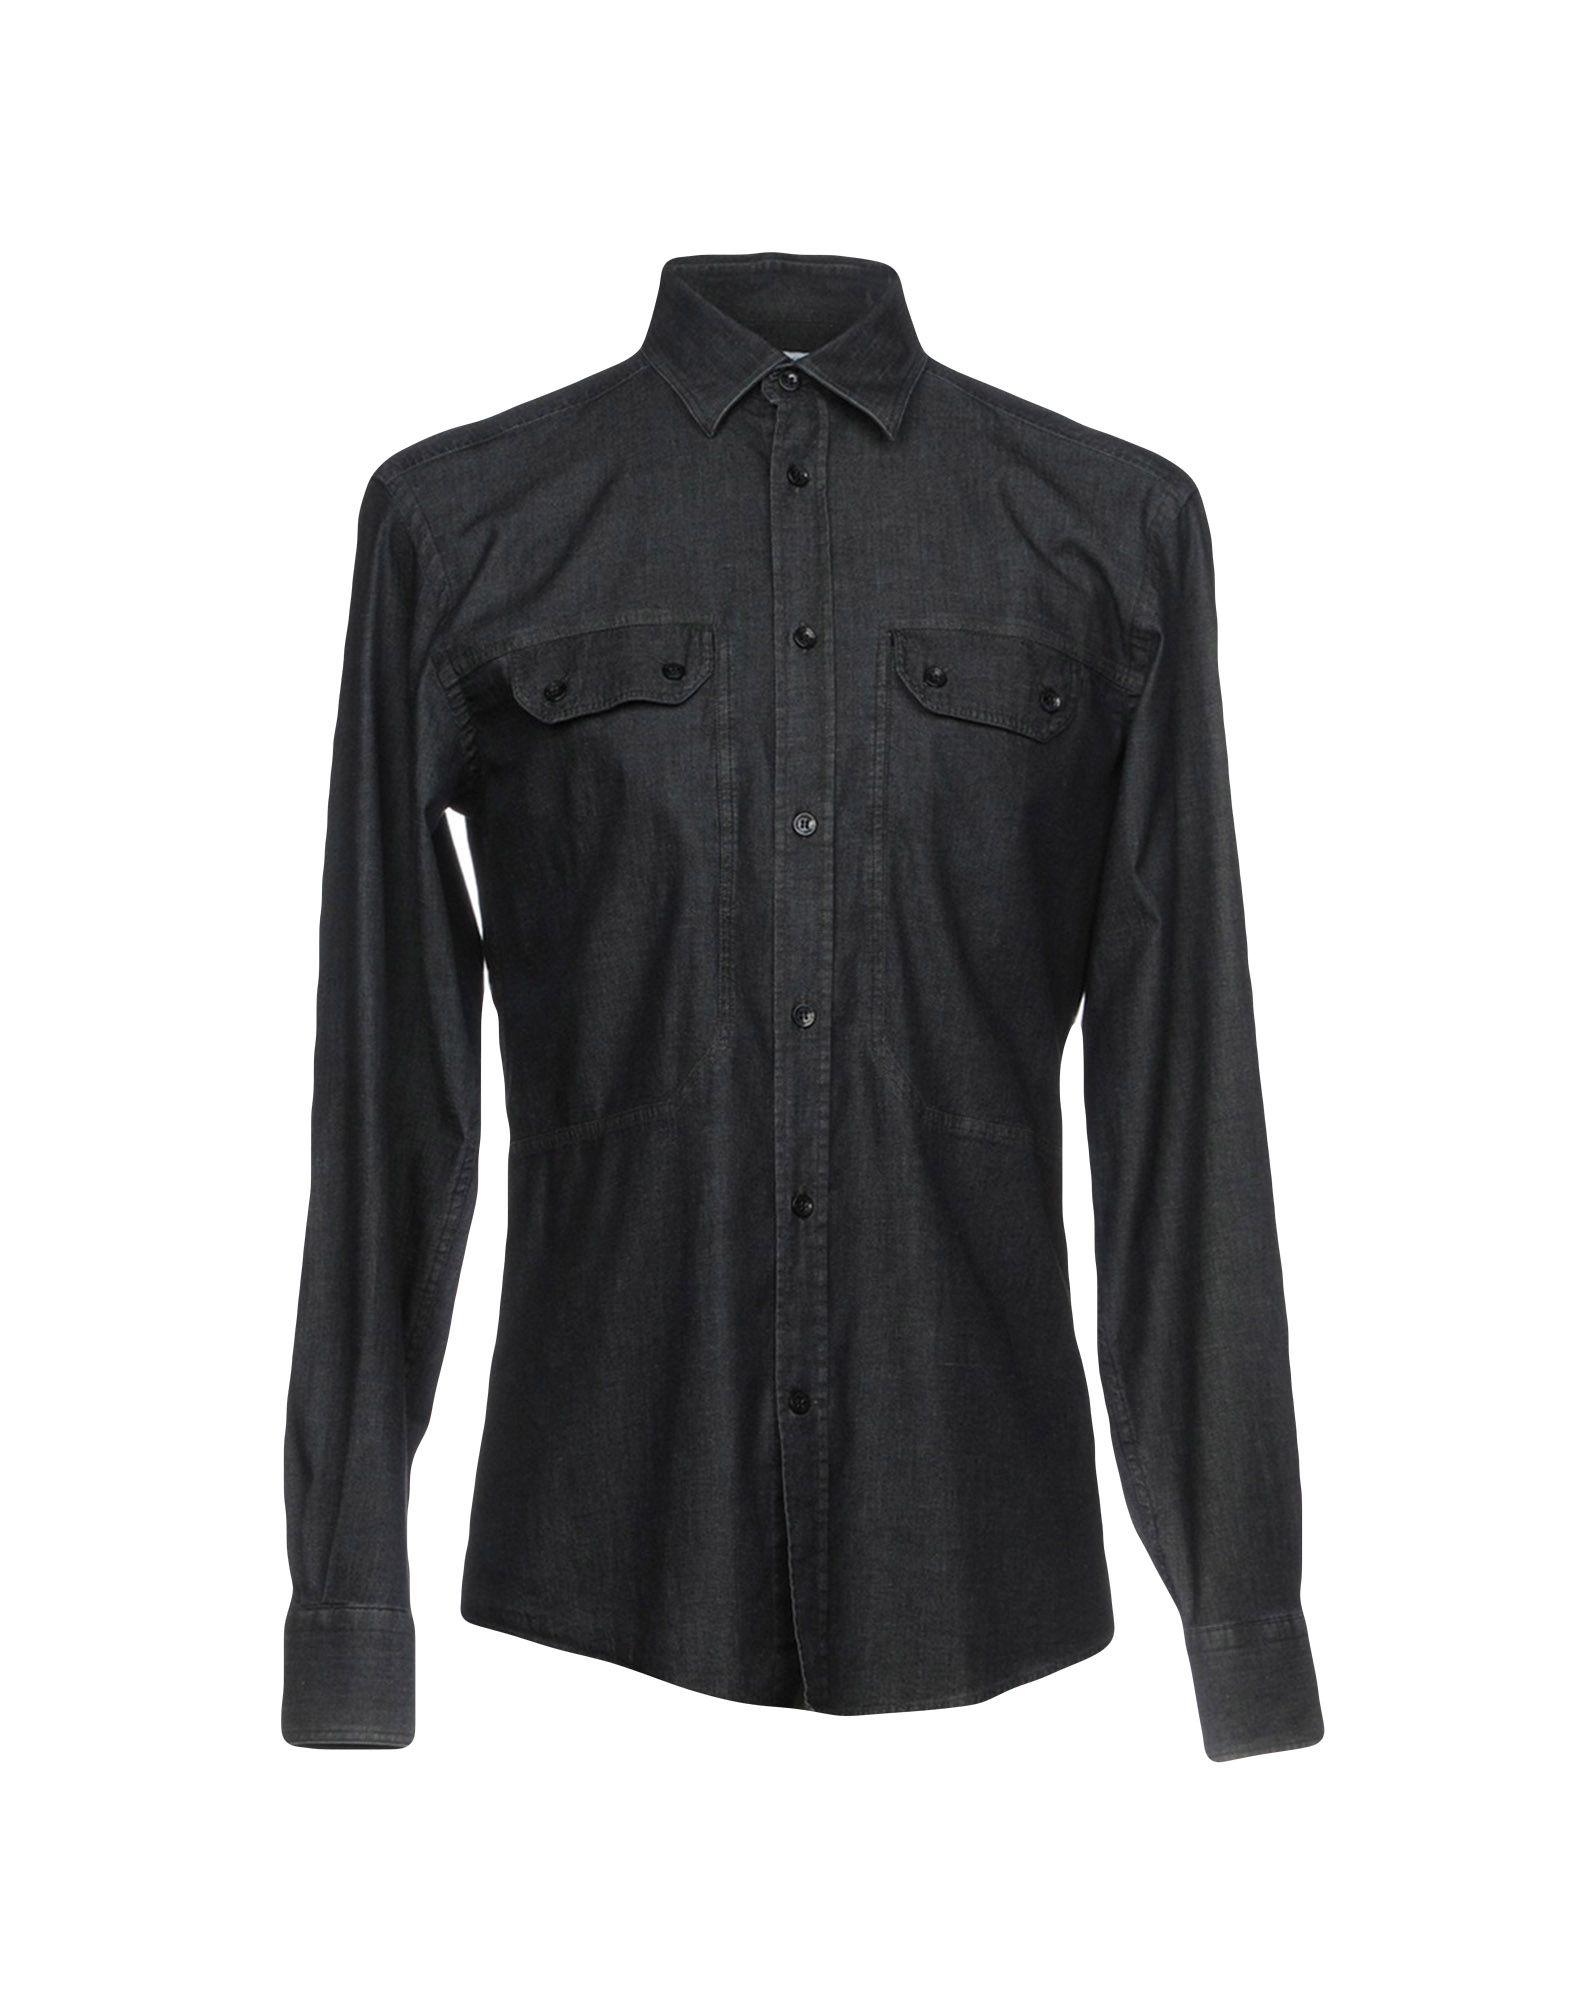 цены на VERSACE COLLECTION Джинсовая рубашка в интернет-магазинах